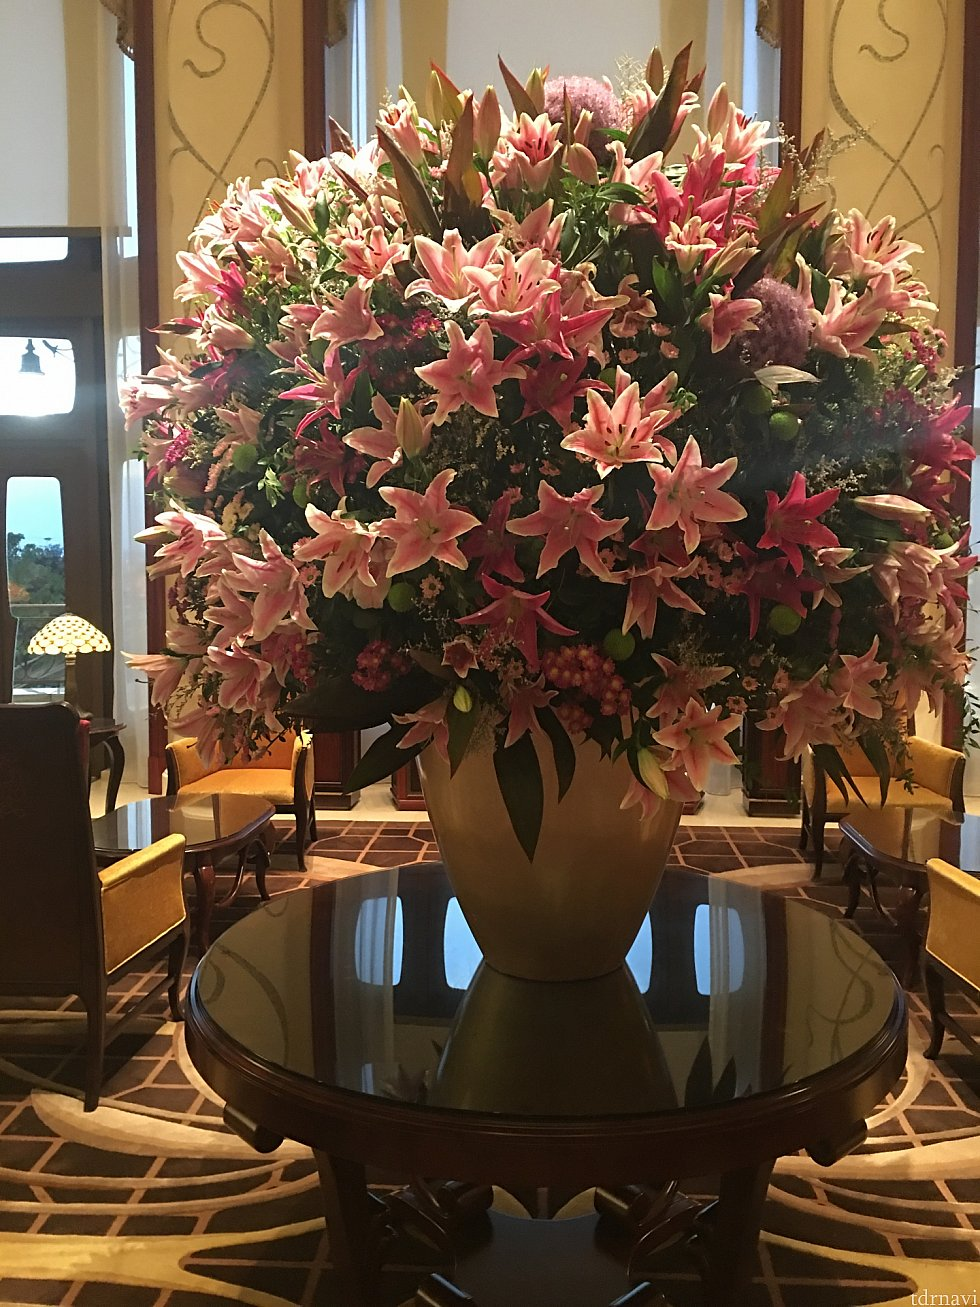 ロビーの百合の花が綺麗でした。生ピアノ演奏も良かったです(^o^)